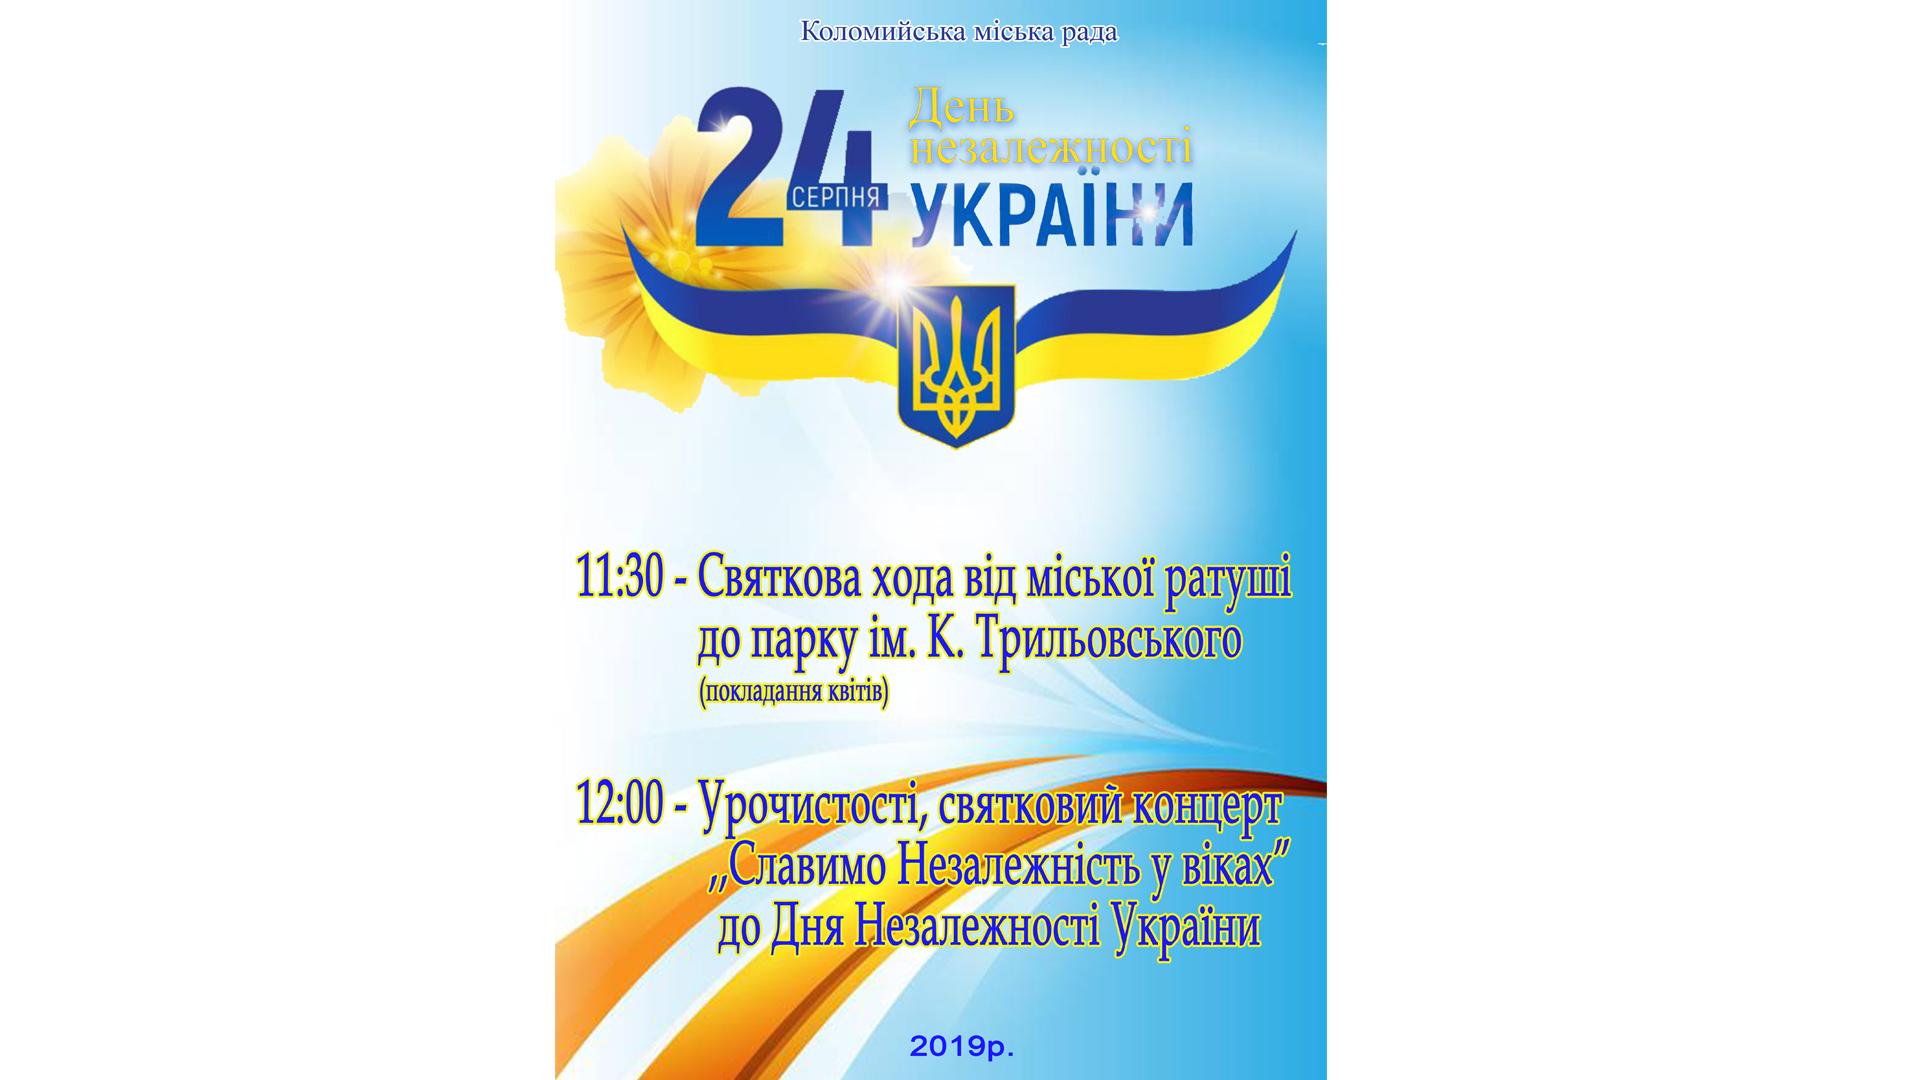 Як у Коломиї відсвяткують День Незалежності України